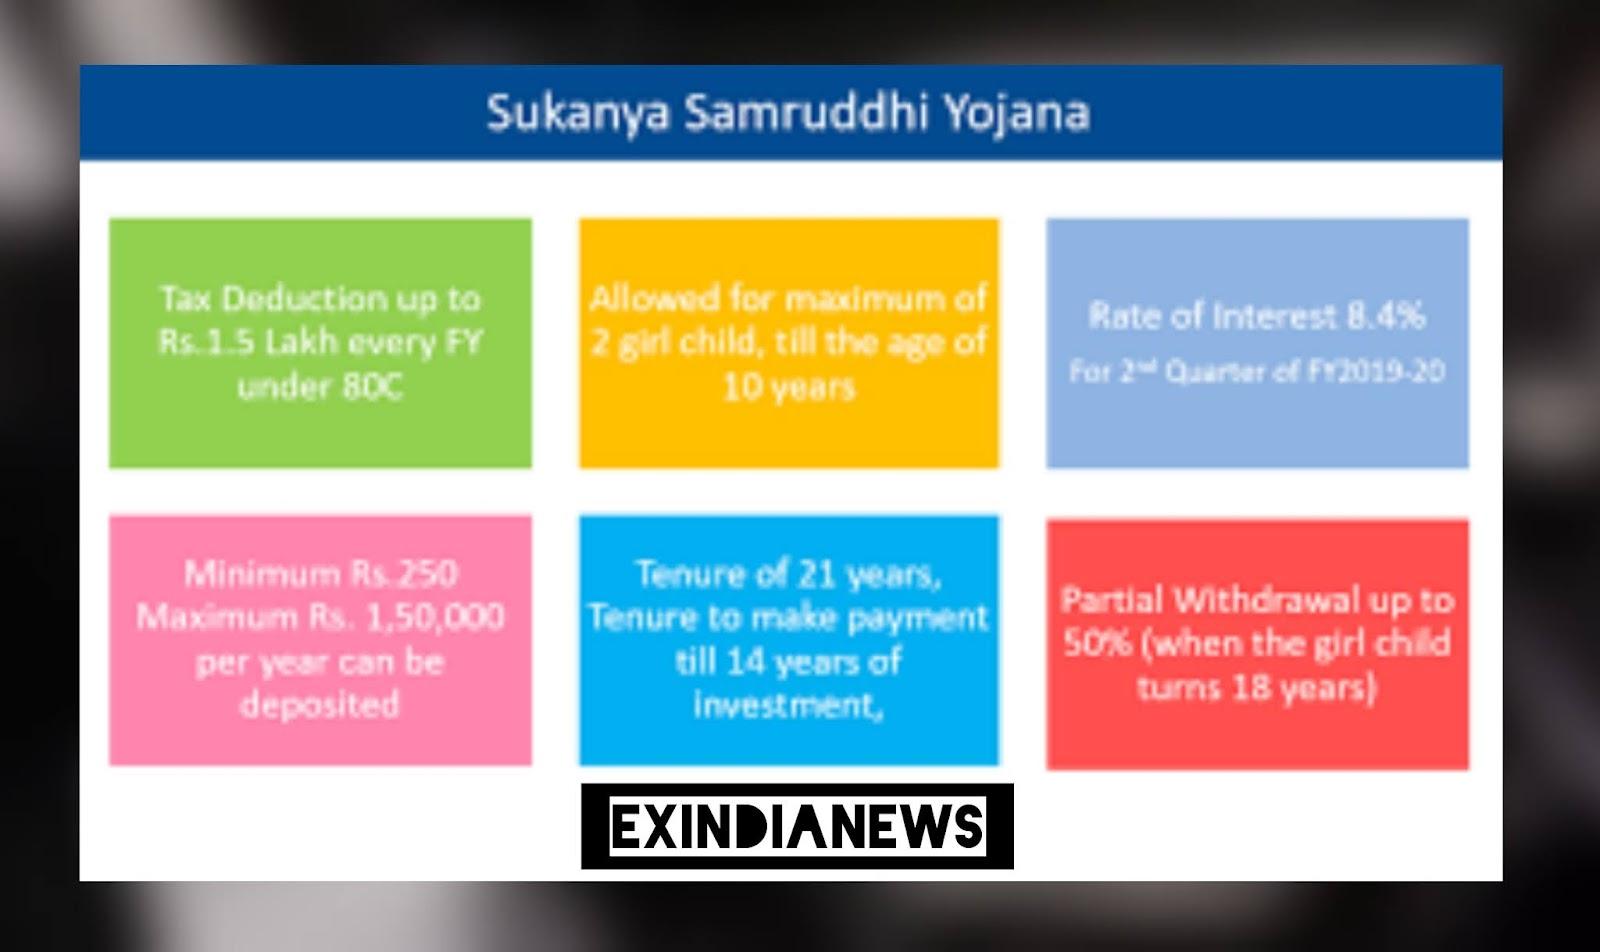 Sukanya Samruddhi Yojana - Exindianews